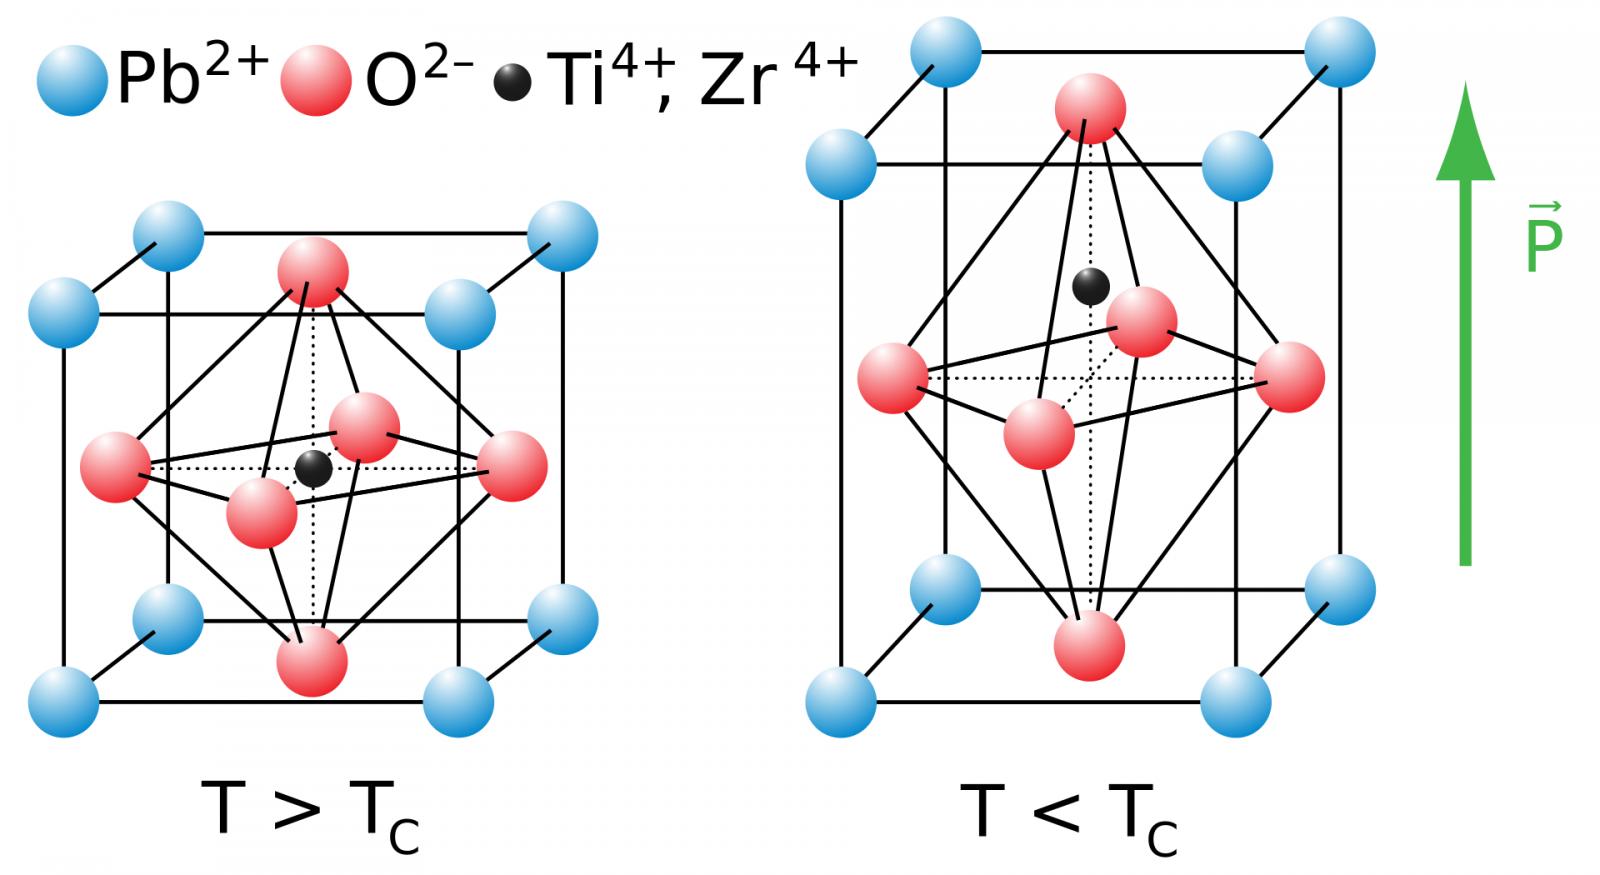 Een voorbeeld van de structuur van een piezoelektrisch kristal